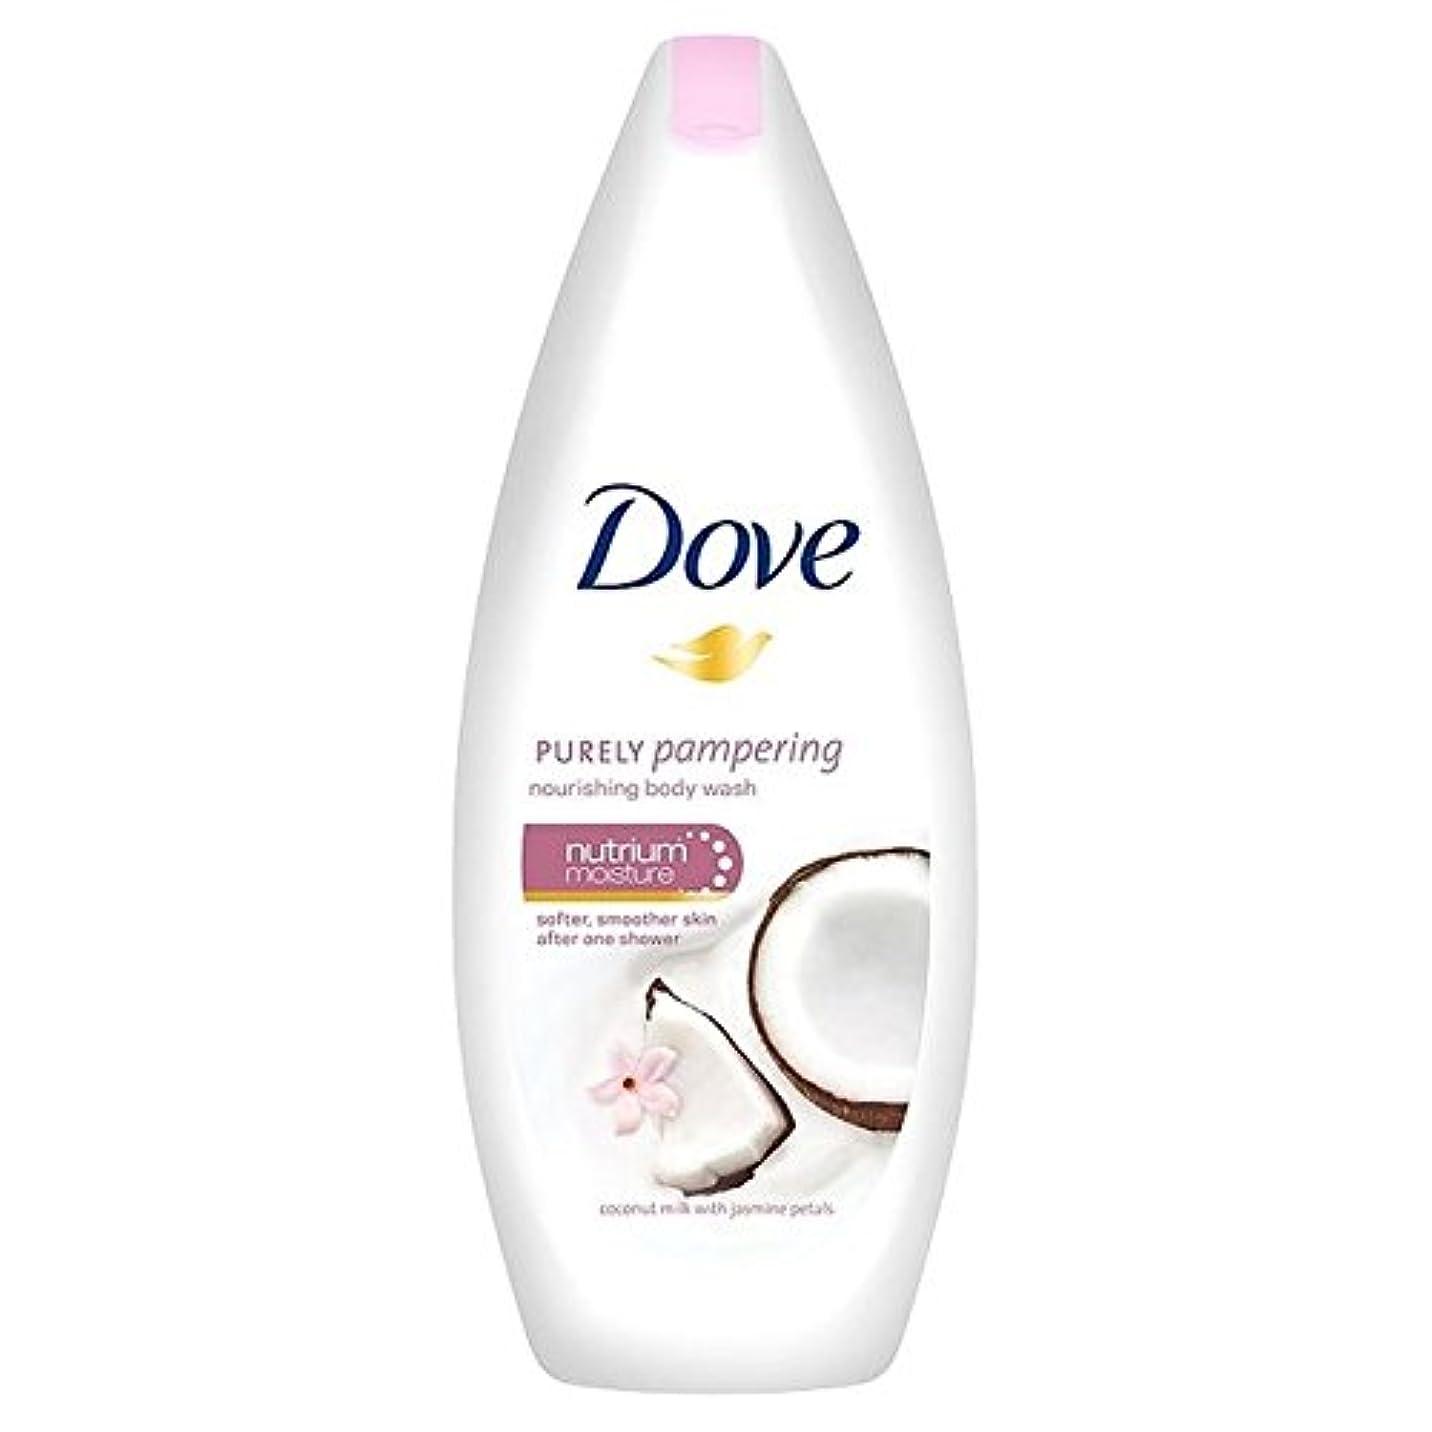 消毒する合法クール鳩純粋に甘やかすココナッツボディウォッシュ250ミリリットル x2 - Dove Purely Pampering Coconut Body Wash 250ml (Pack of 2) [並行輸入品]